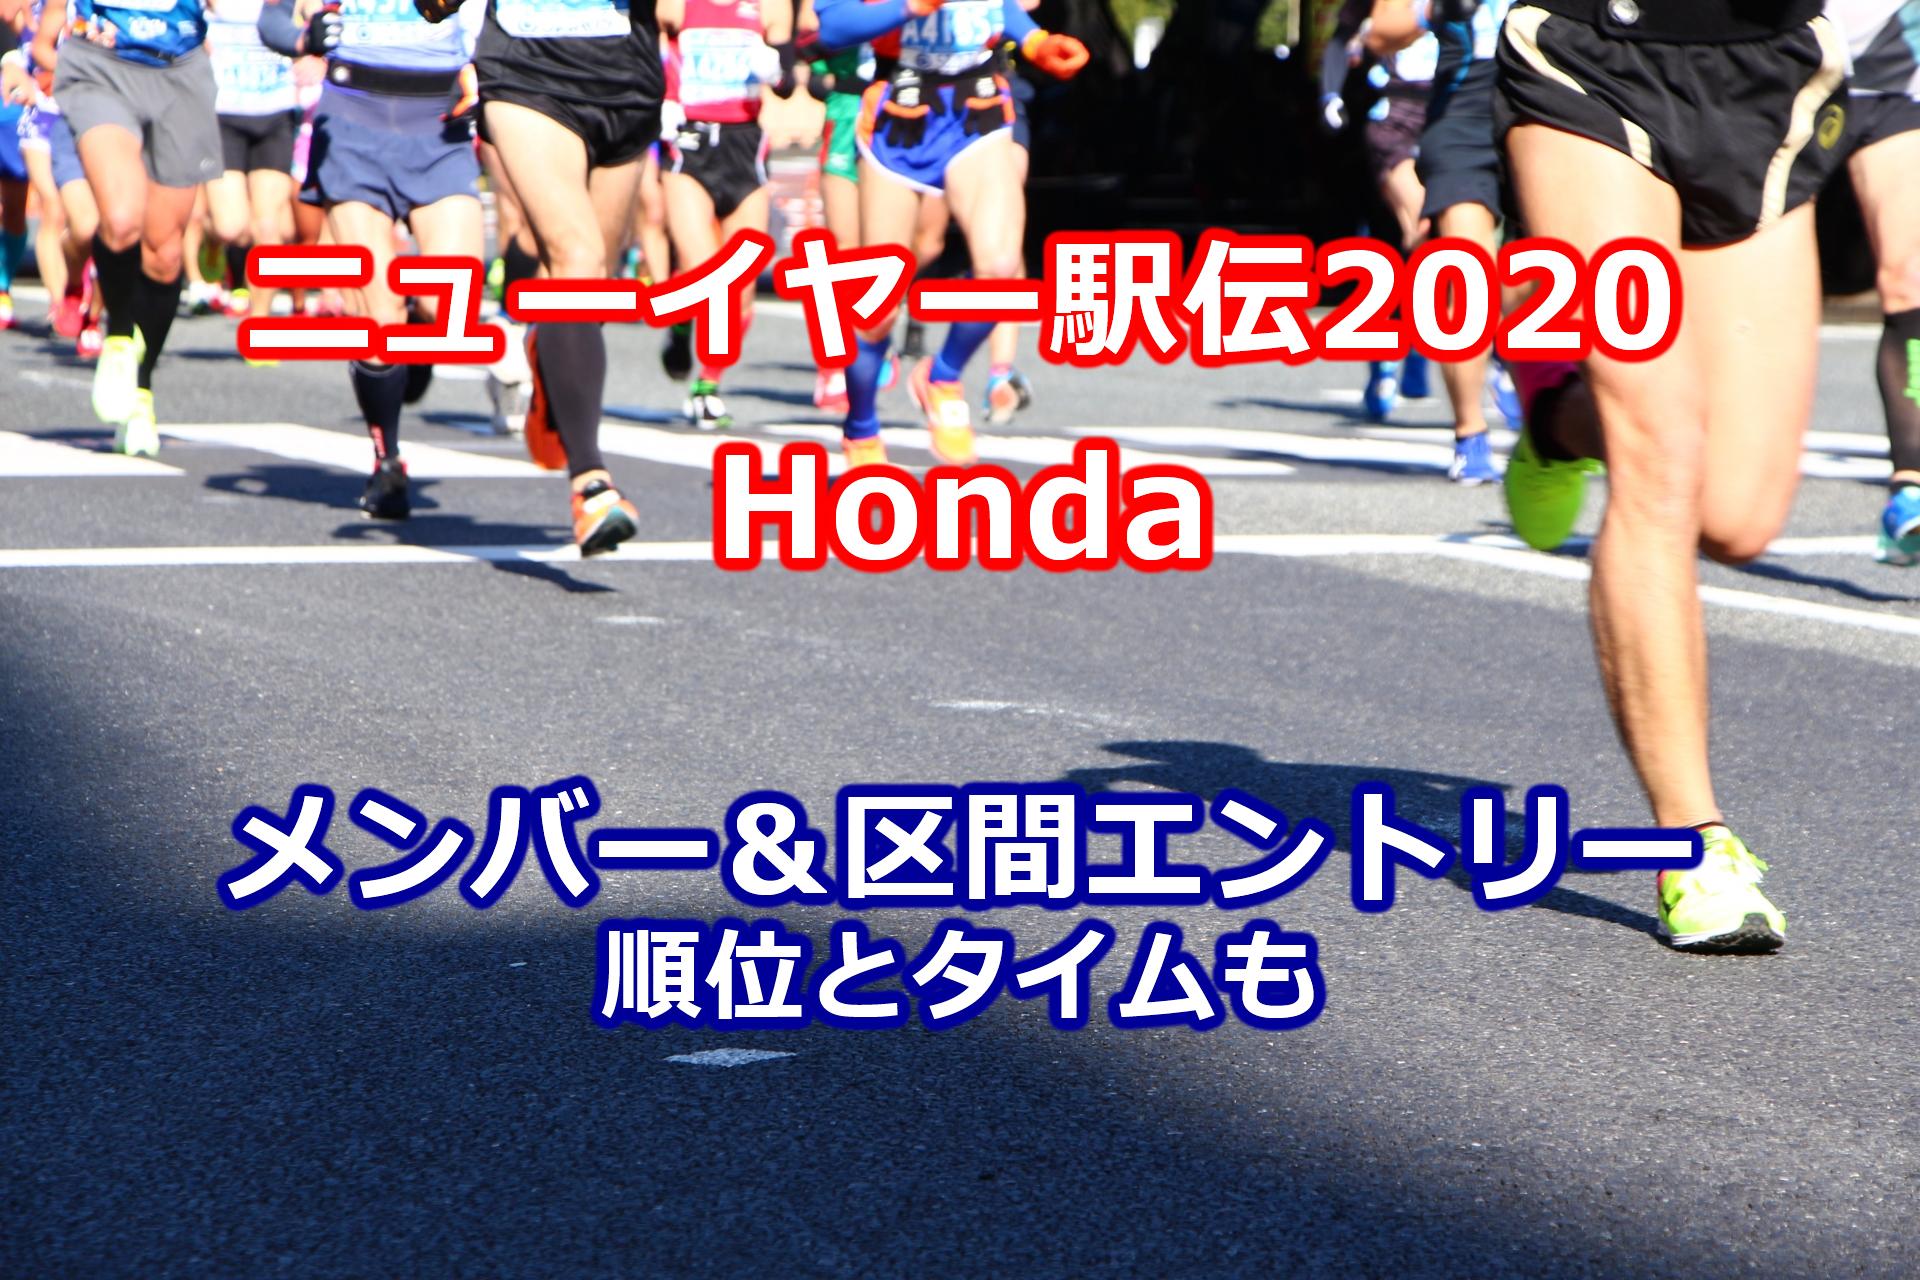 ニューイヤー駅伝2020Hondaメンバー・区間エントリー・結果・順位・タイムまとめ